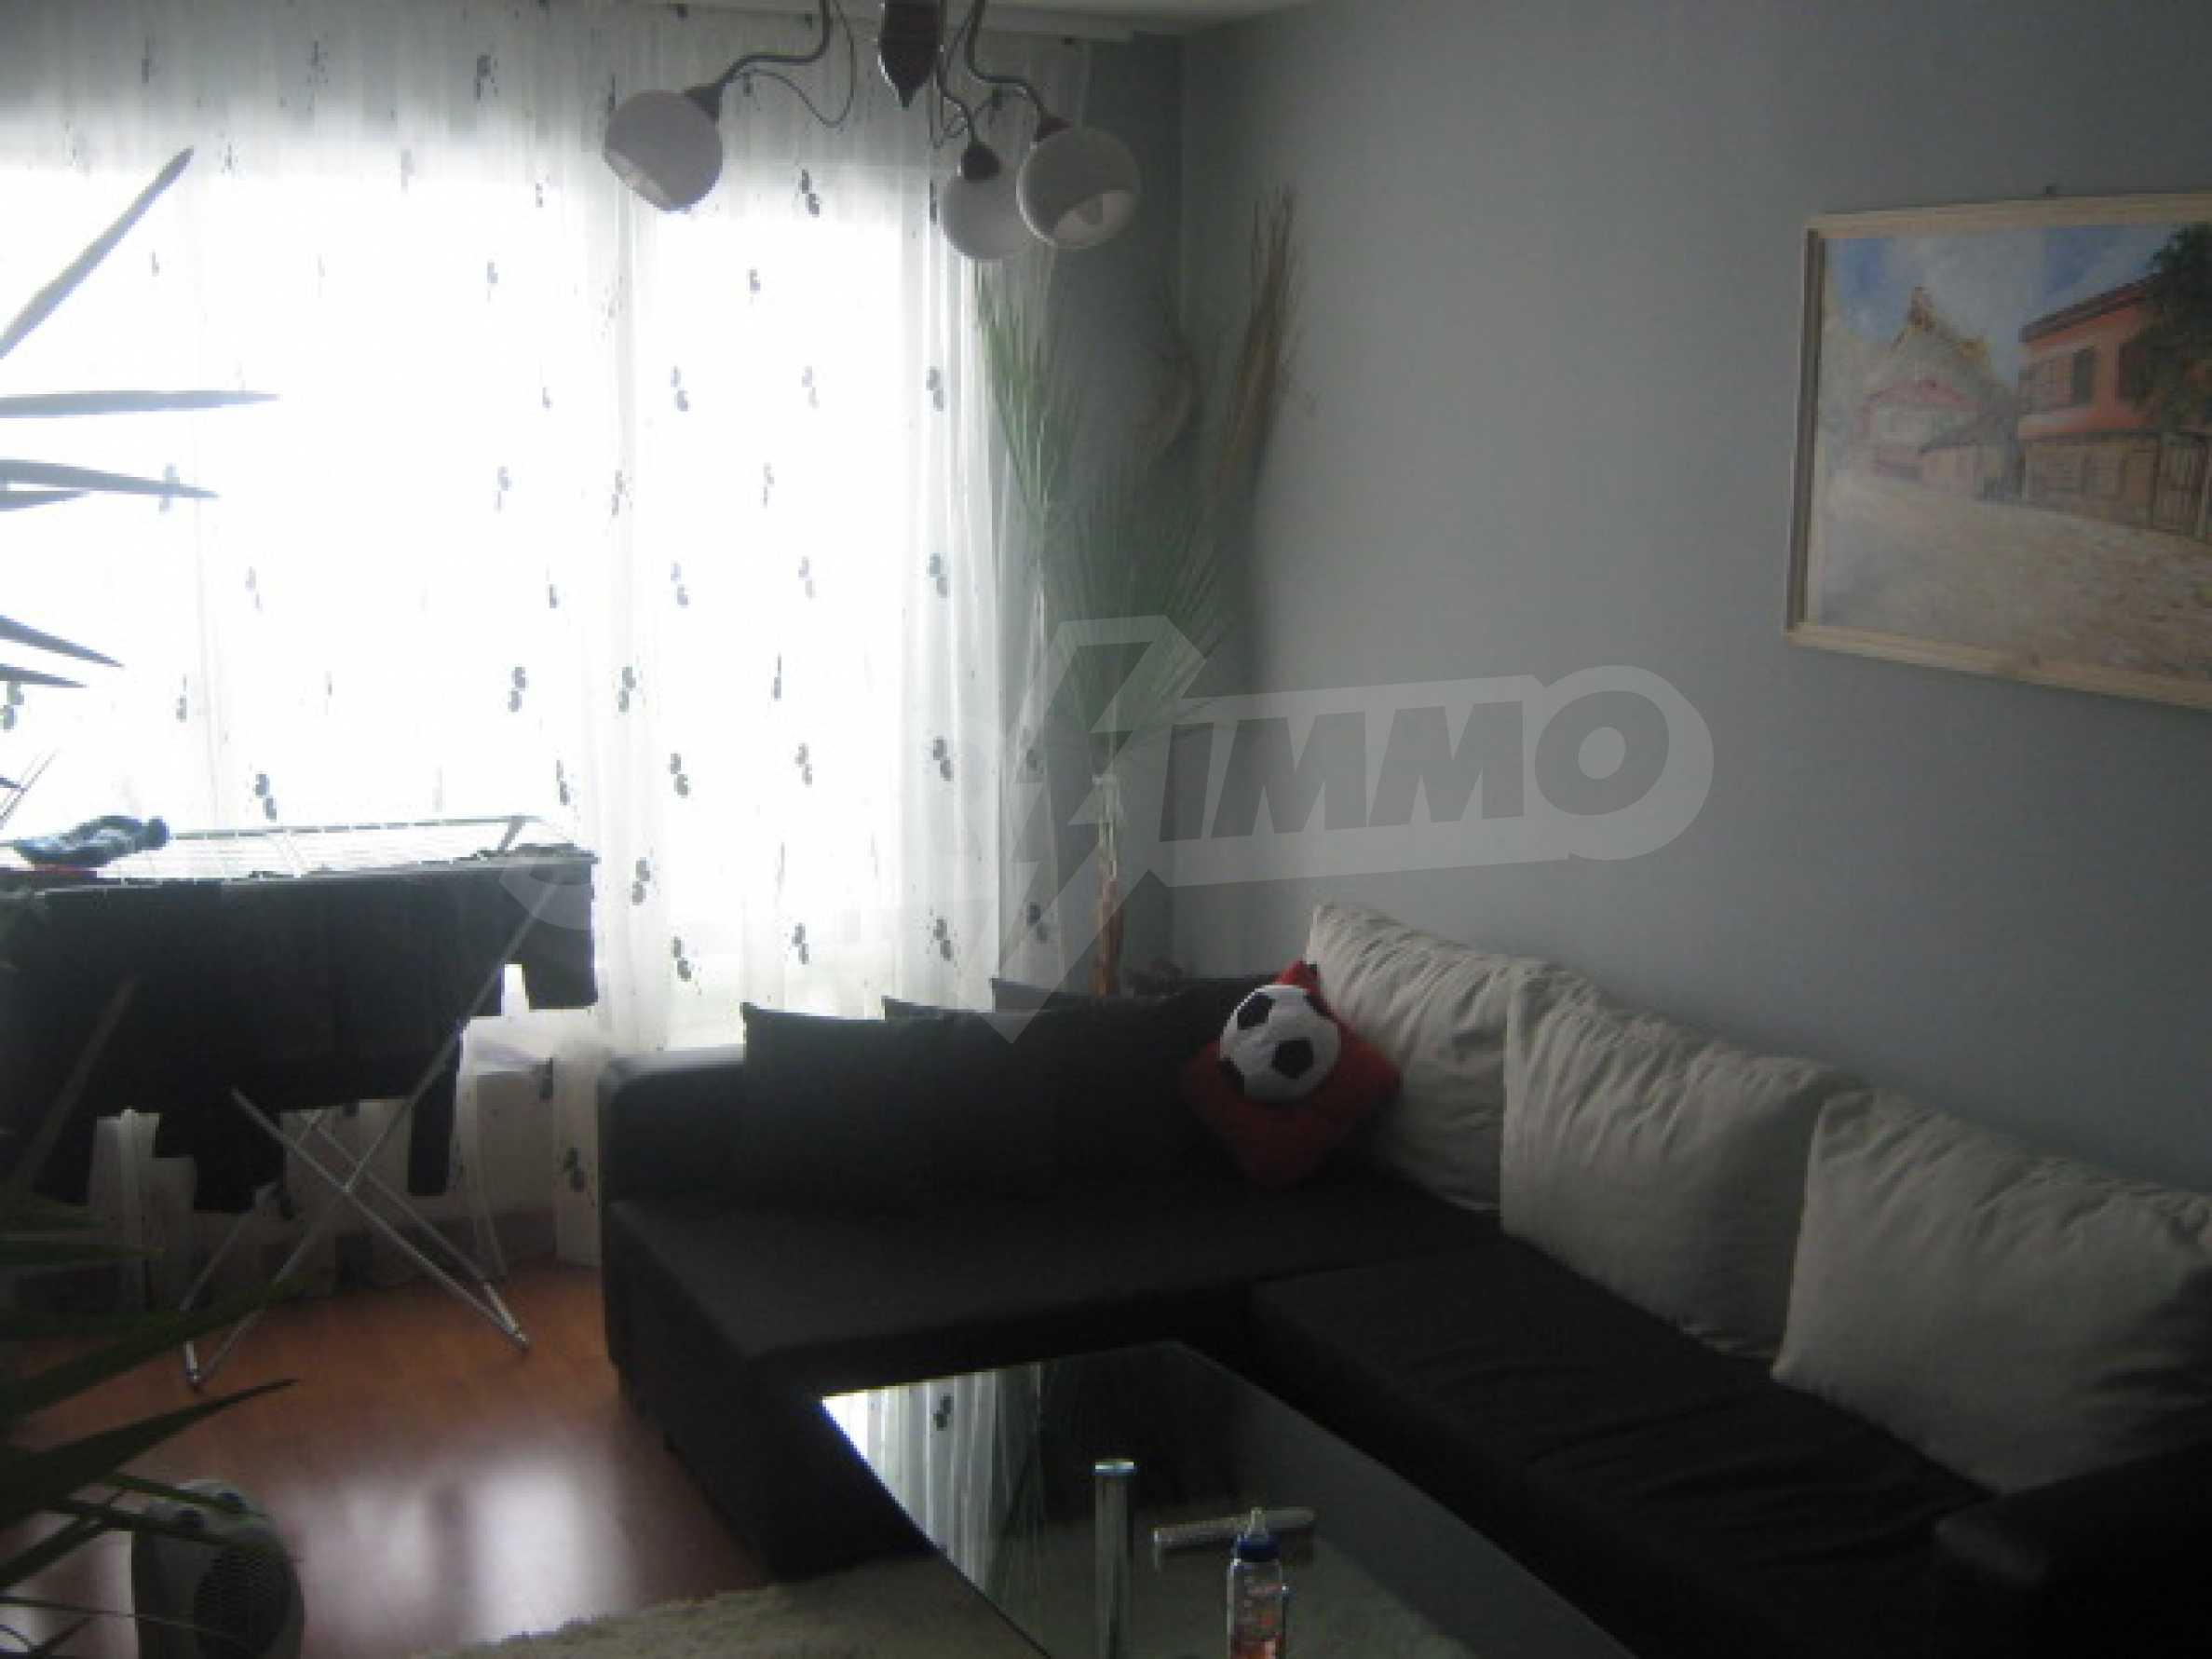 Двустаен апартамент за продажба във гр. Видин 5